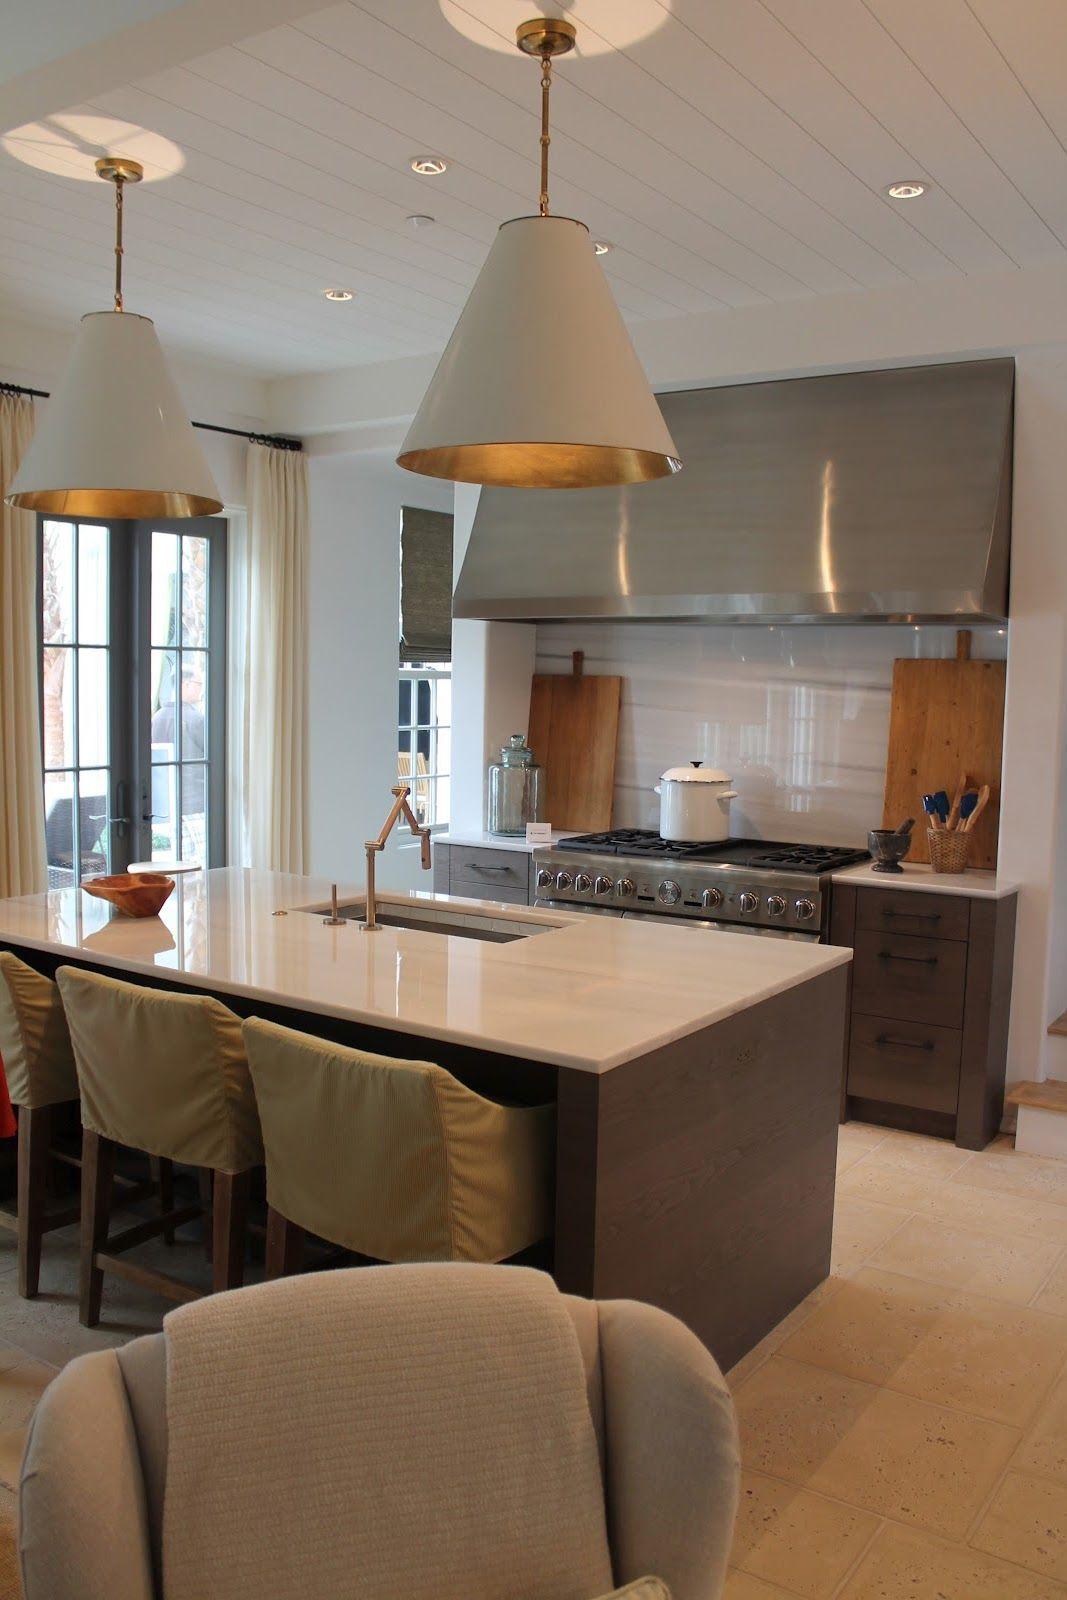 Coordinar gabinete de la cocina piso de madera de color - La Cocina